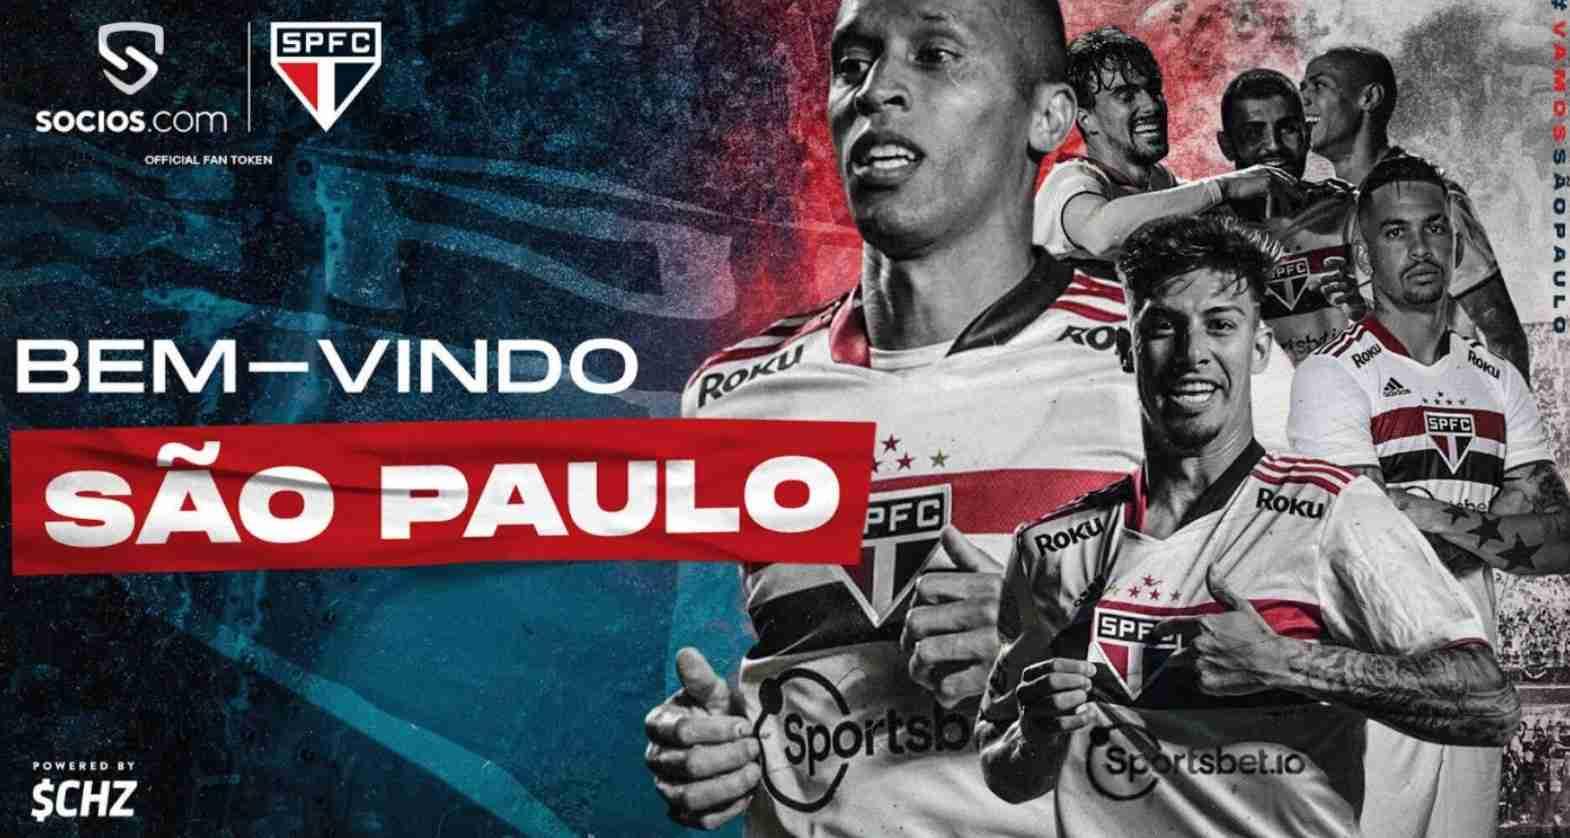 Sao Paulo firma acuerdo con Socios.com para su token oficial de fan